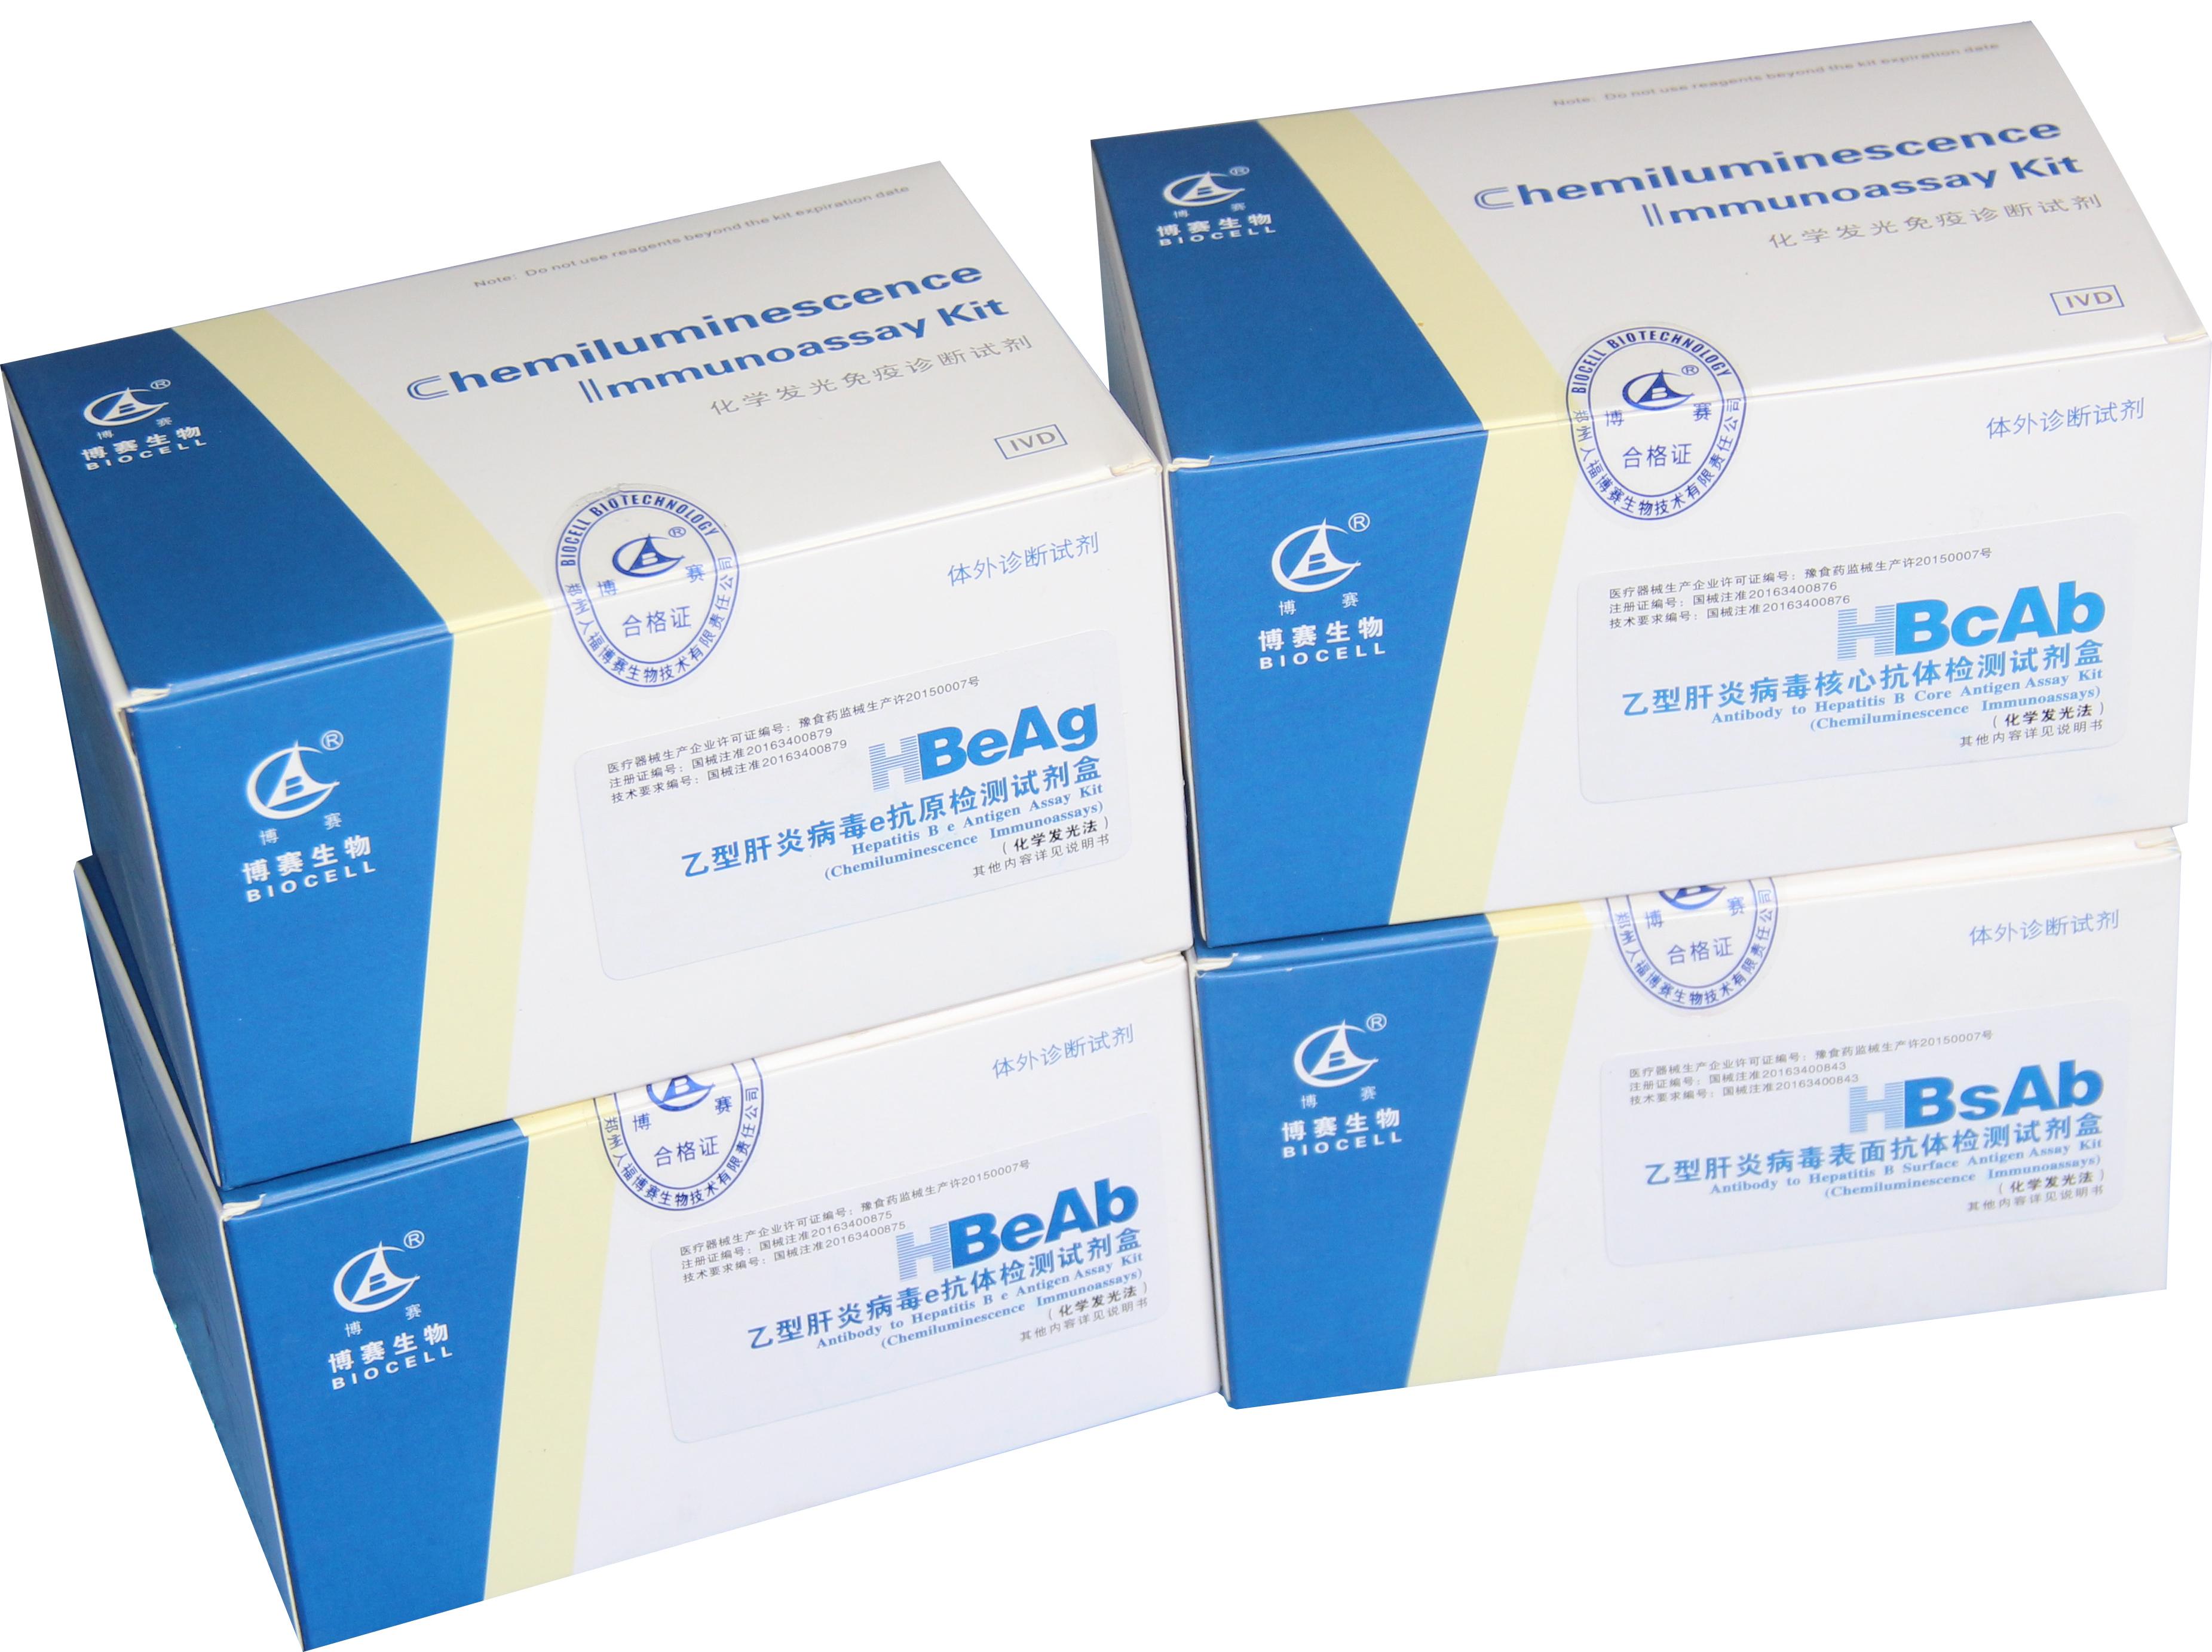 肝炎检测系列